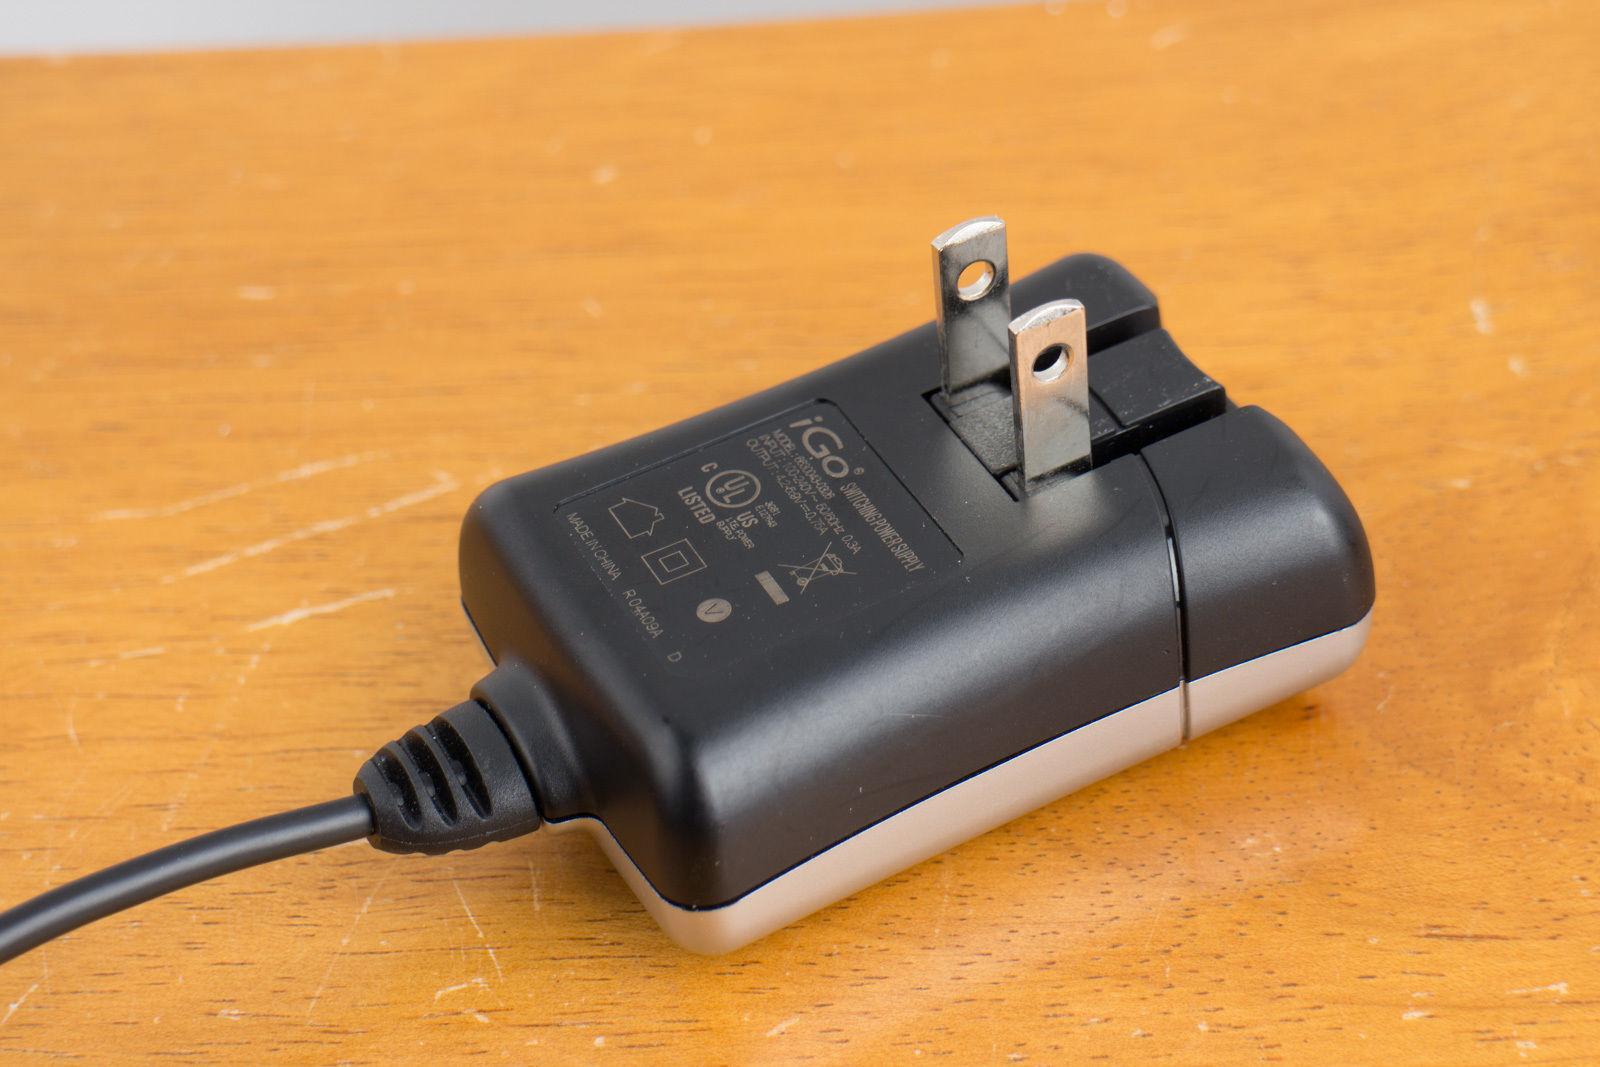 iGo AC Adapter 6630043-0311 Micro USB 4.2 - 6V 0.75A